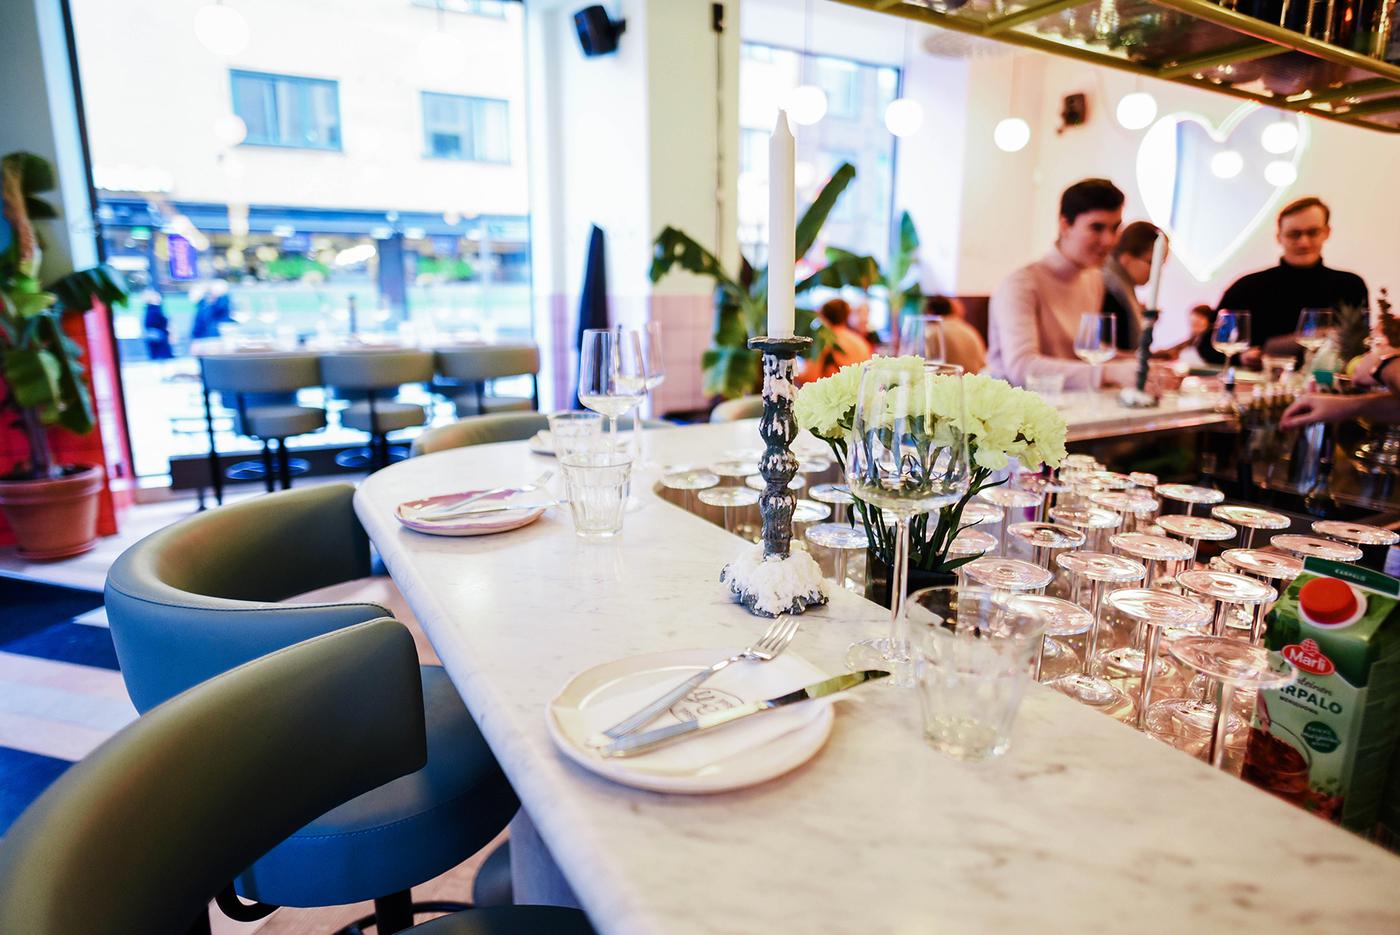 yesyesyes-ravintola-restaurant-helsinki-sundayblondie-9.jpg